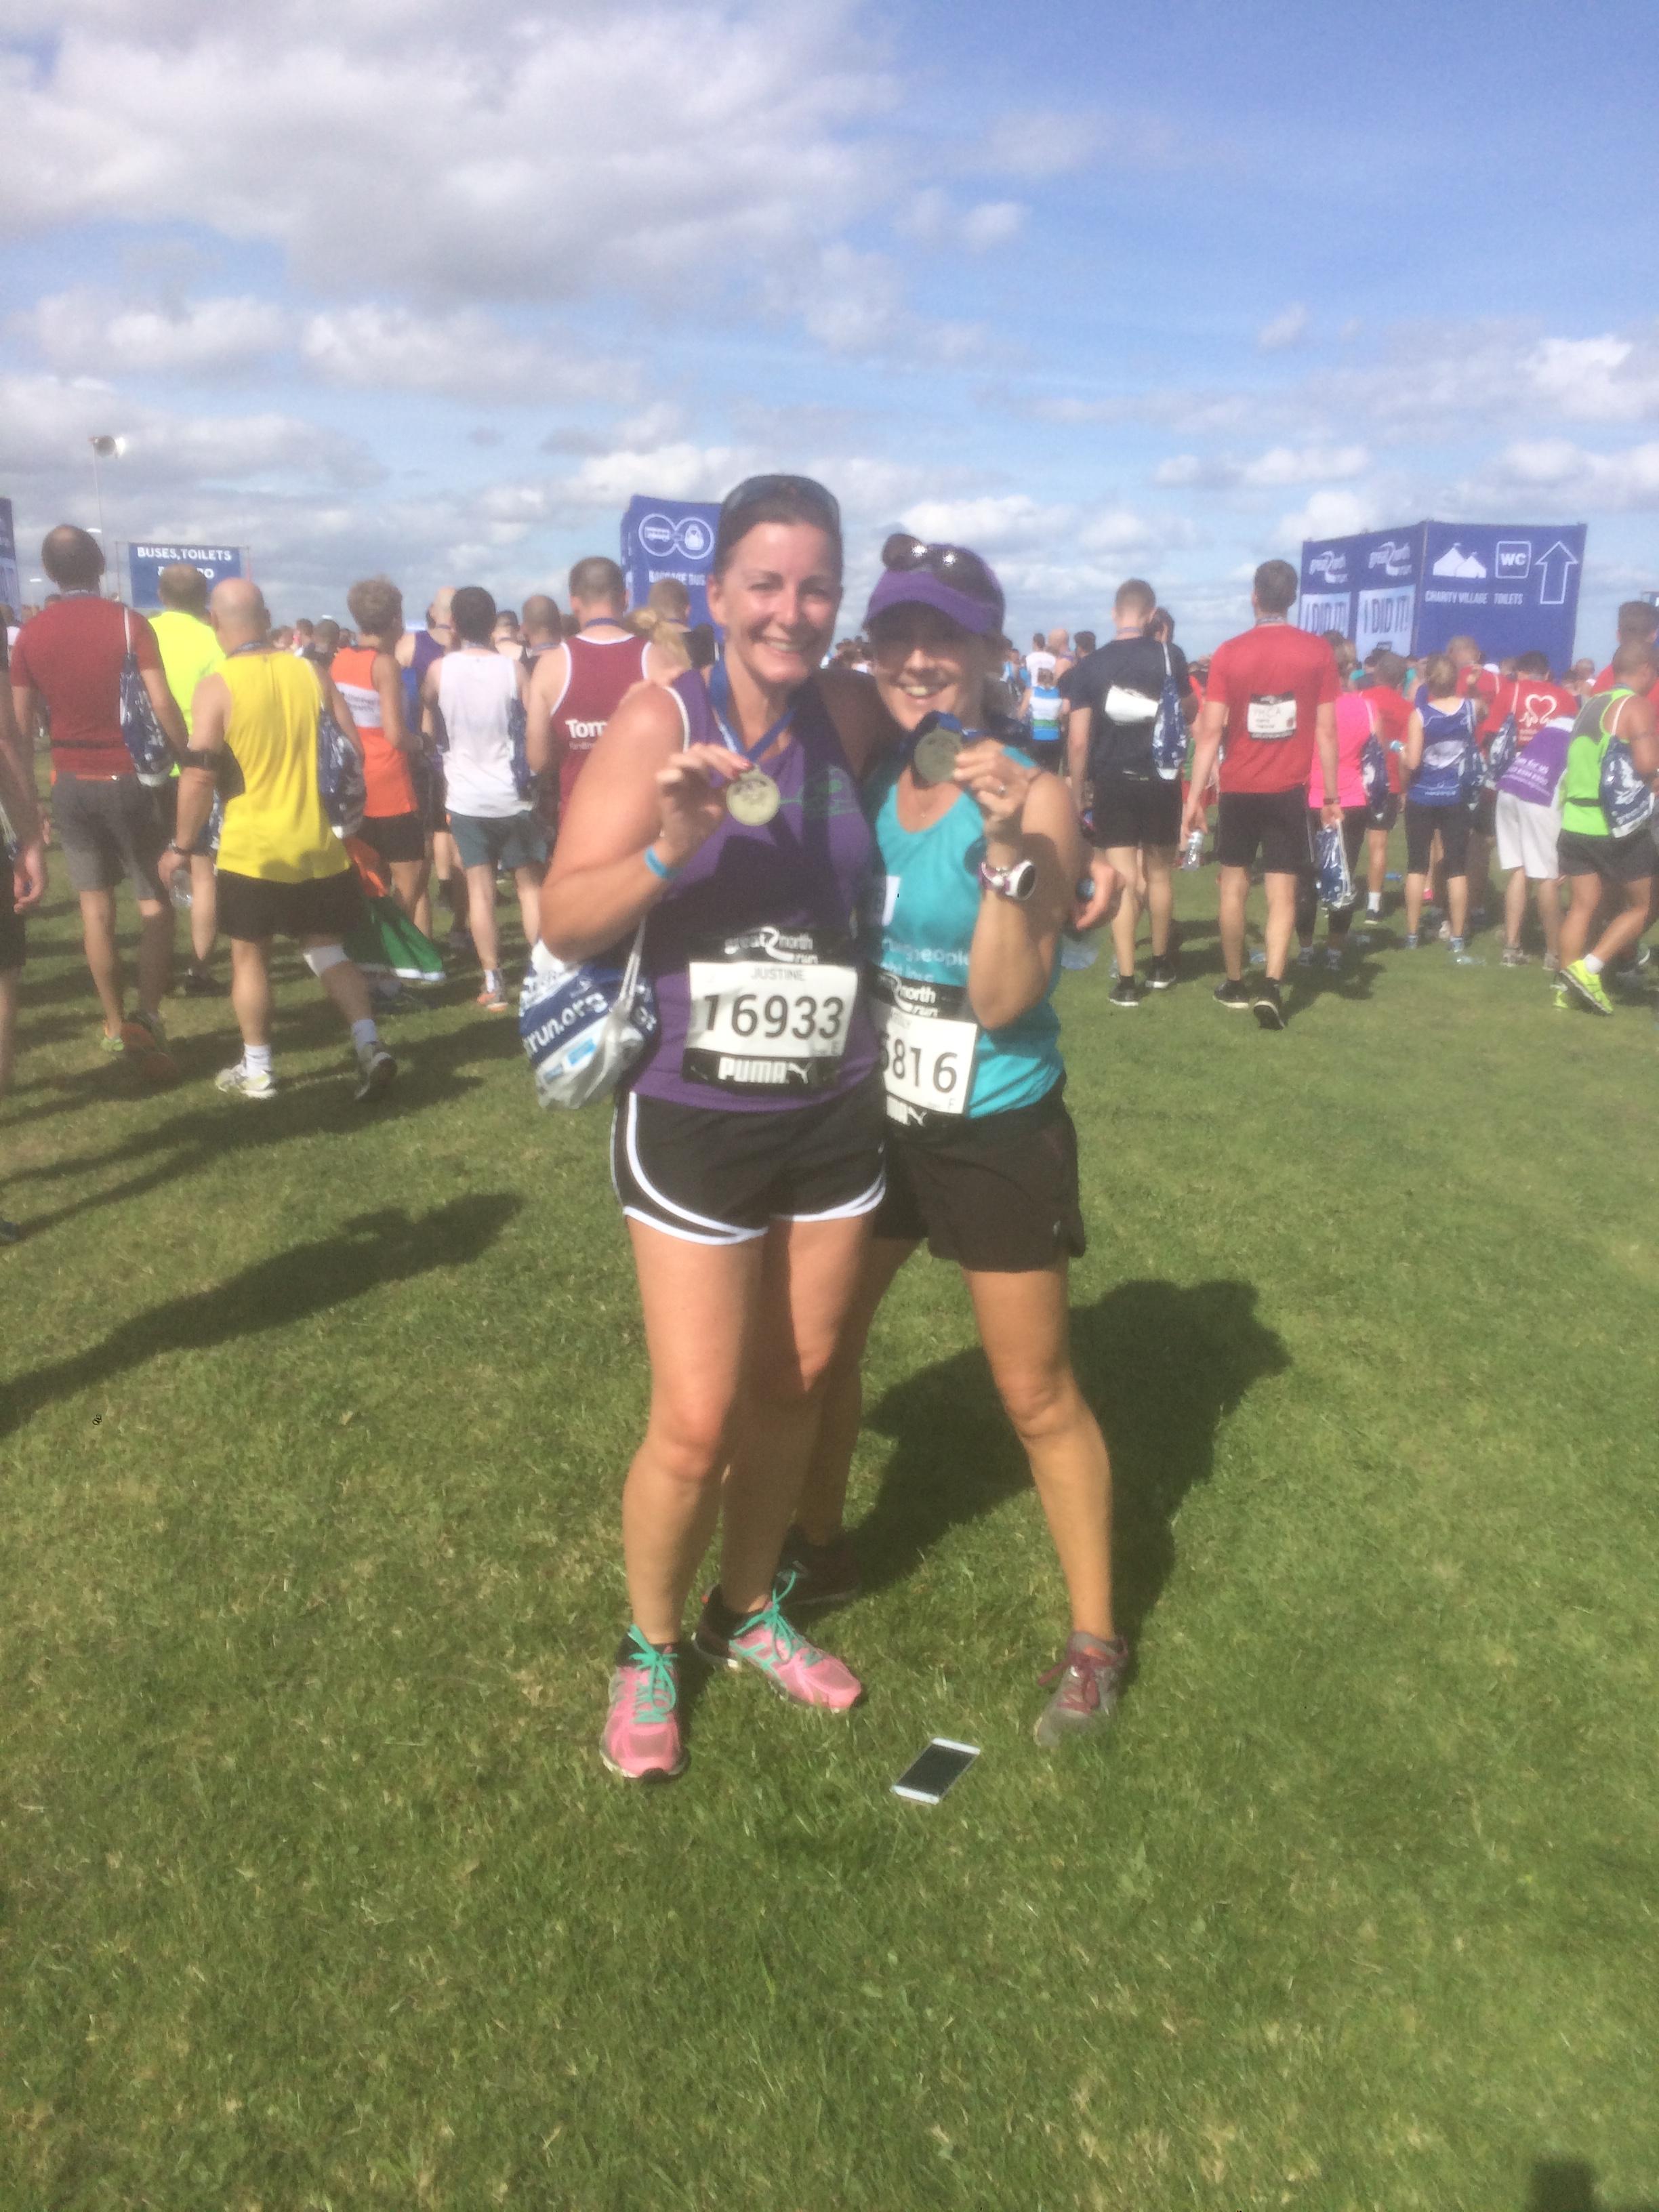 NWR at the Great North Run 2016